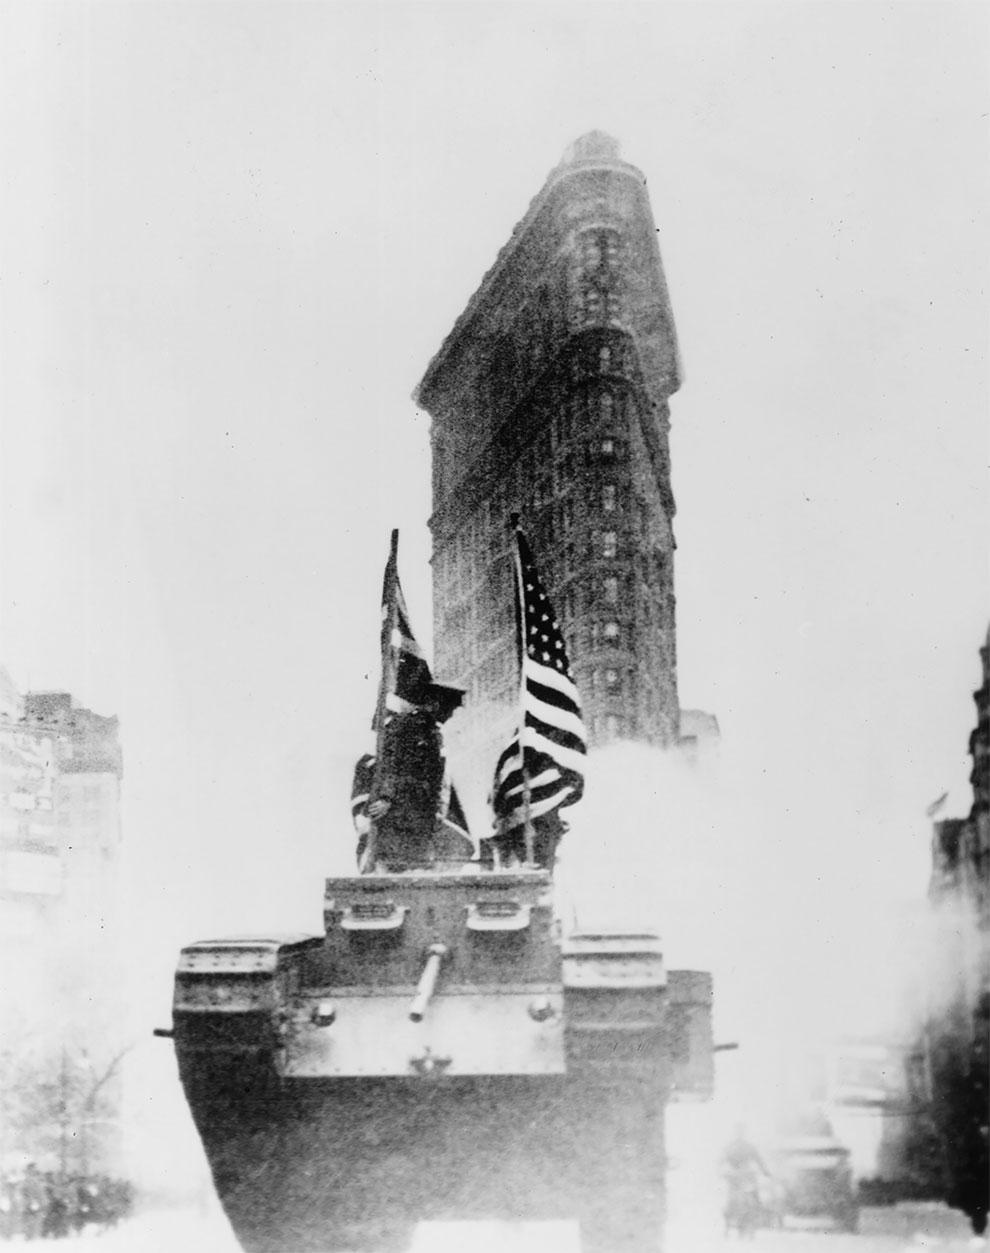 Один из первых американских танков проезжающих мимо здания «Флэшерон» в Нью - Йорке, 1917.